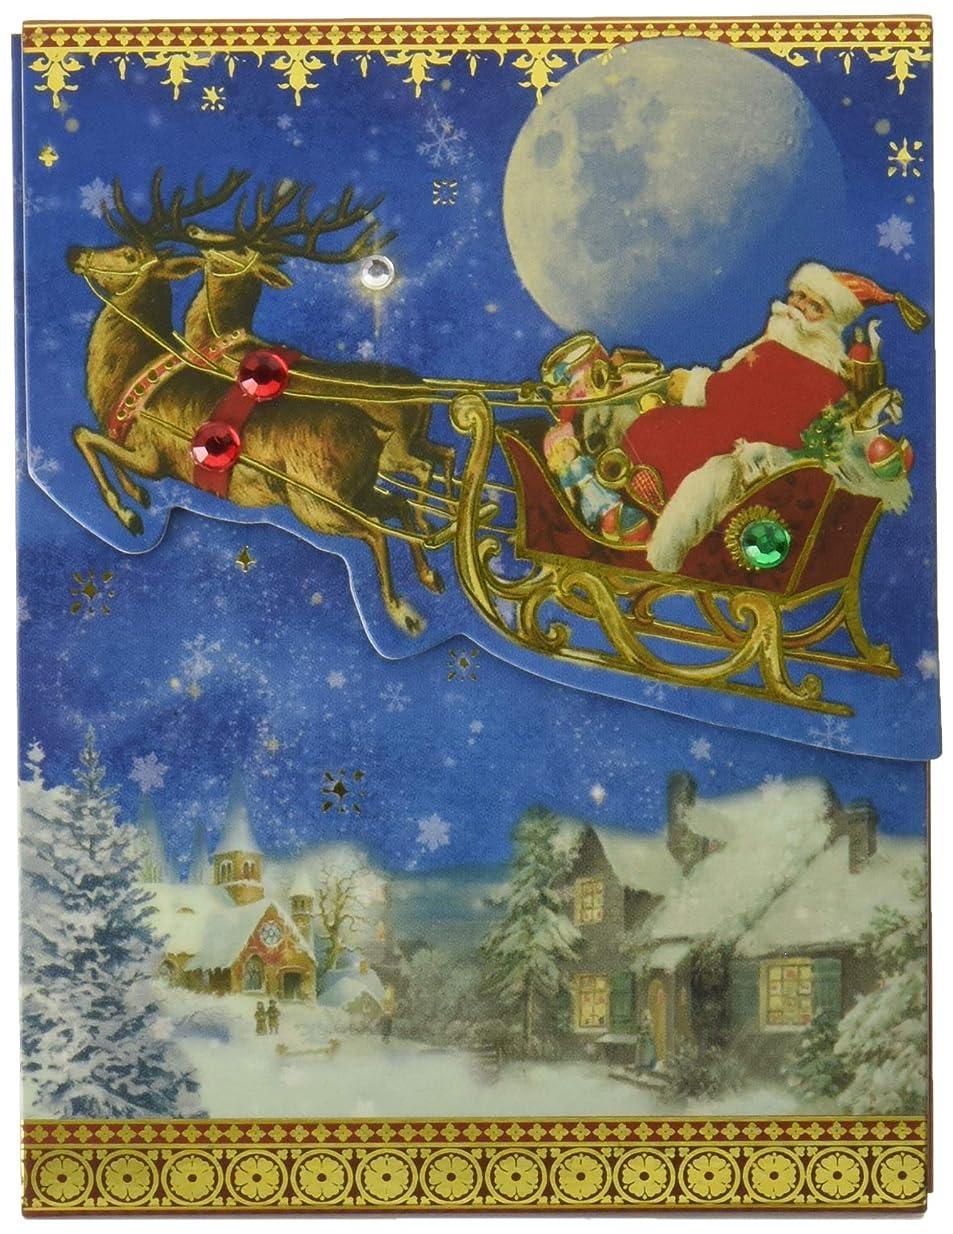 ありそう雲パイプパンチスタジオ 【クリスマス】 ミニノートパッド (サンタクロース×ブルー) 42583